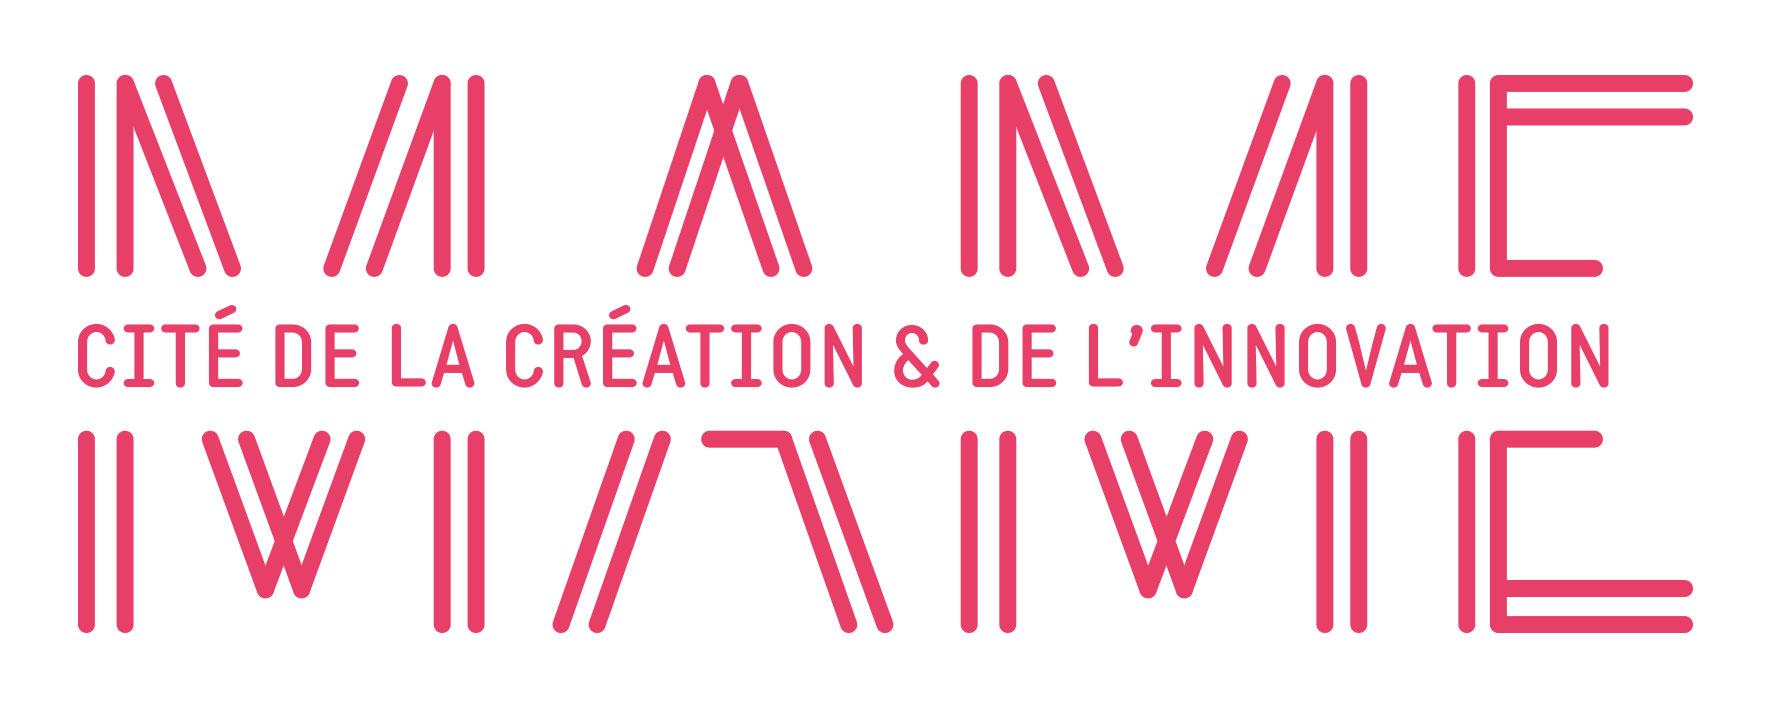 MAME_logo_web_pink_1.jpg